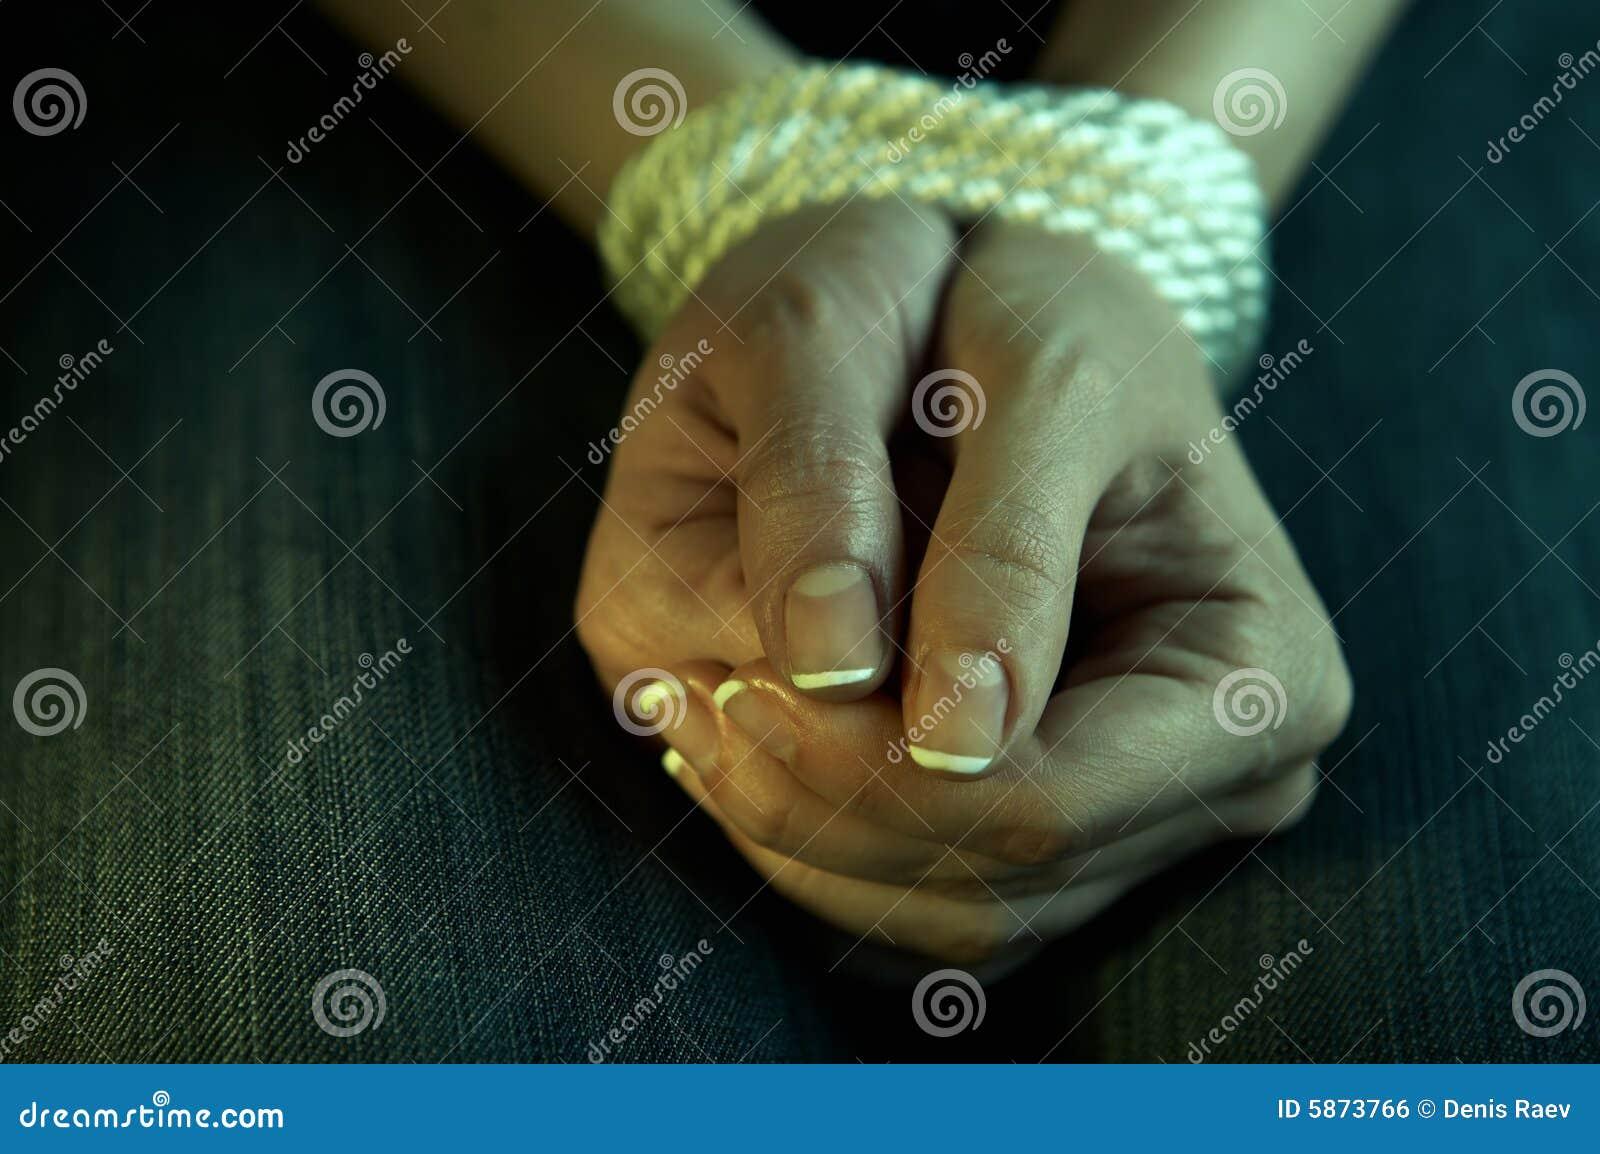 Связывает девушке руки 15 фотография